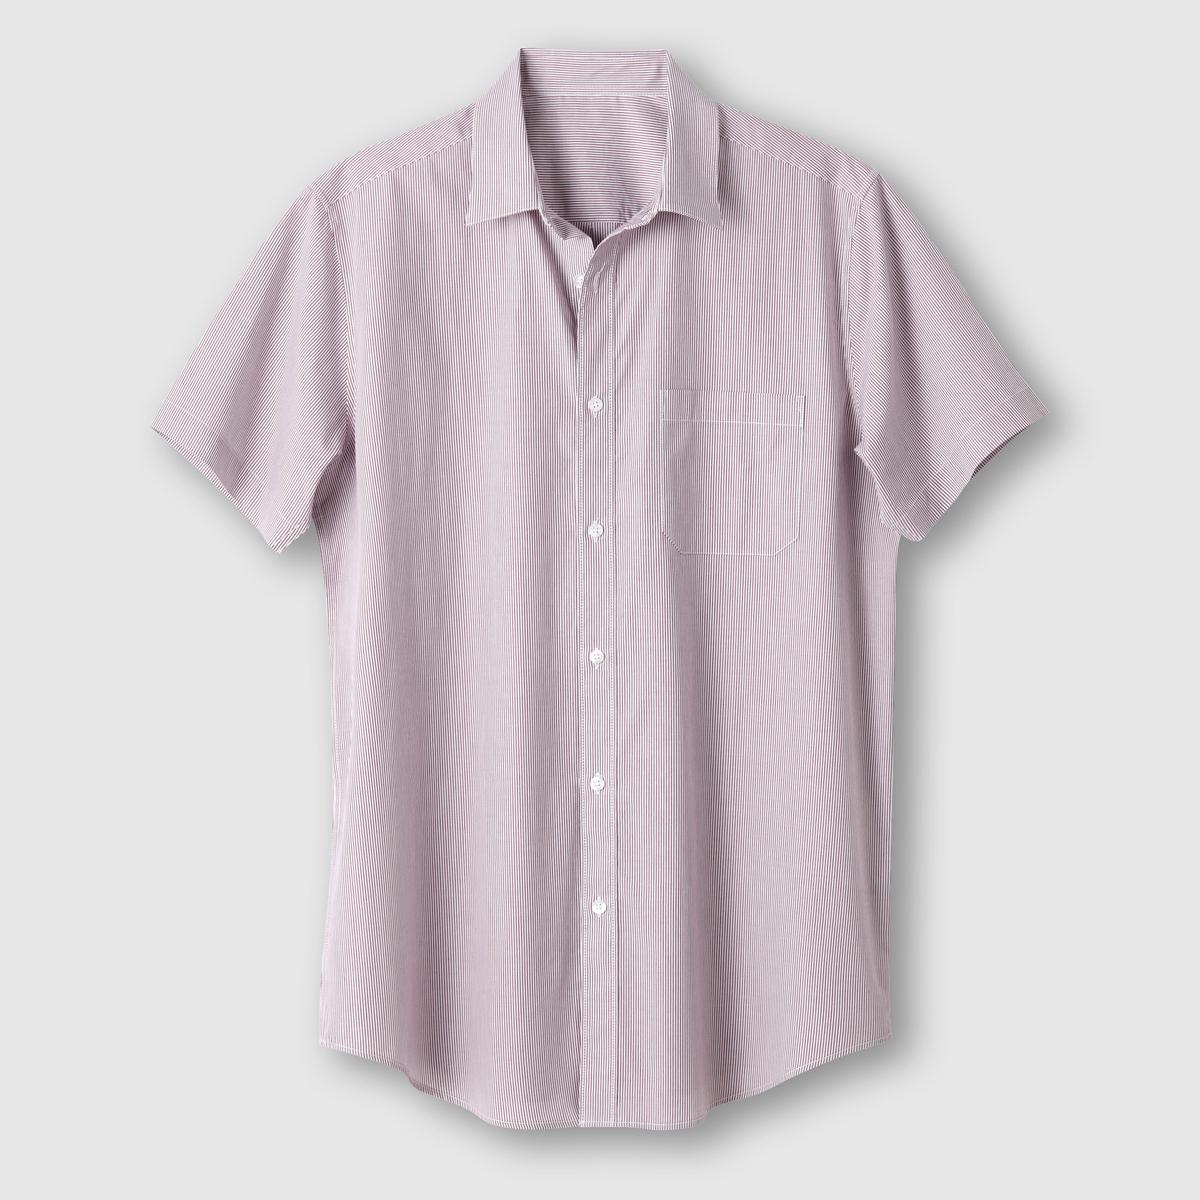 Рубашка с короткими рукавами, рост 3 (свыше 1,87 м)Поплин, 100% хлопок. Рост 3 (при росте свыше 1,87 м) : длина рубашки 87 см, длина рукава 24 см.<br><br>Цвет: в полоску бордовый/белый<br>Размер: 51/52